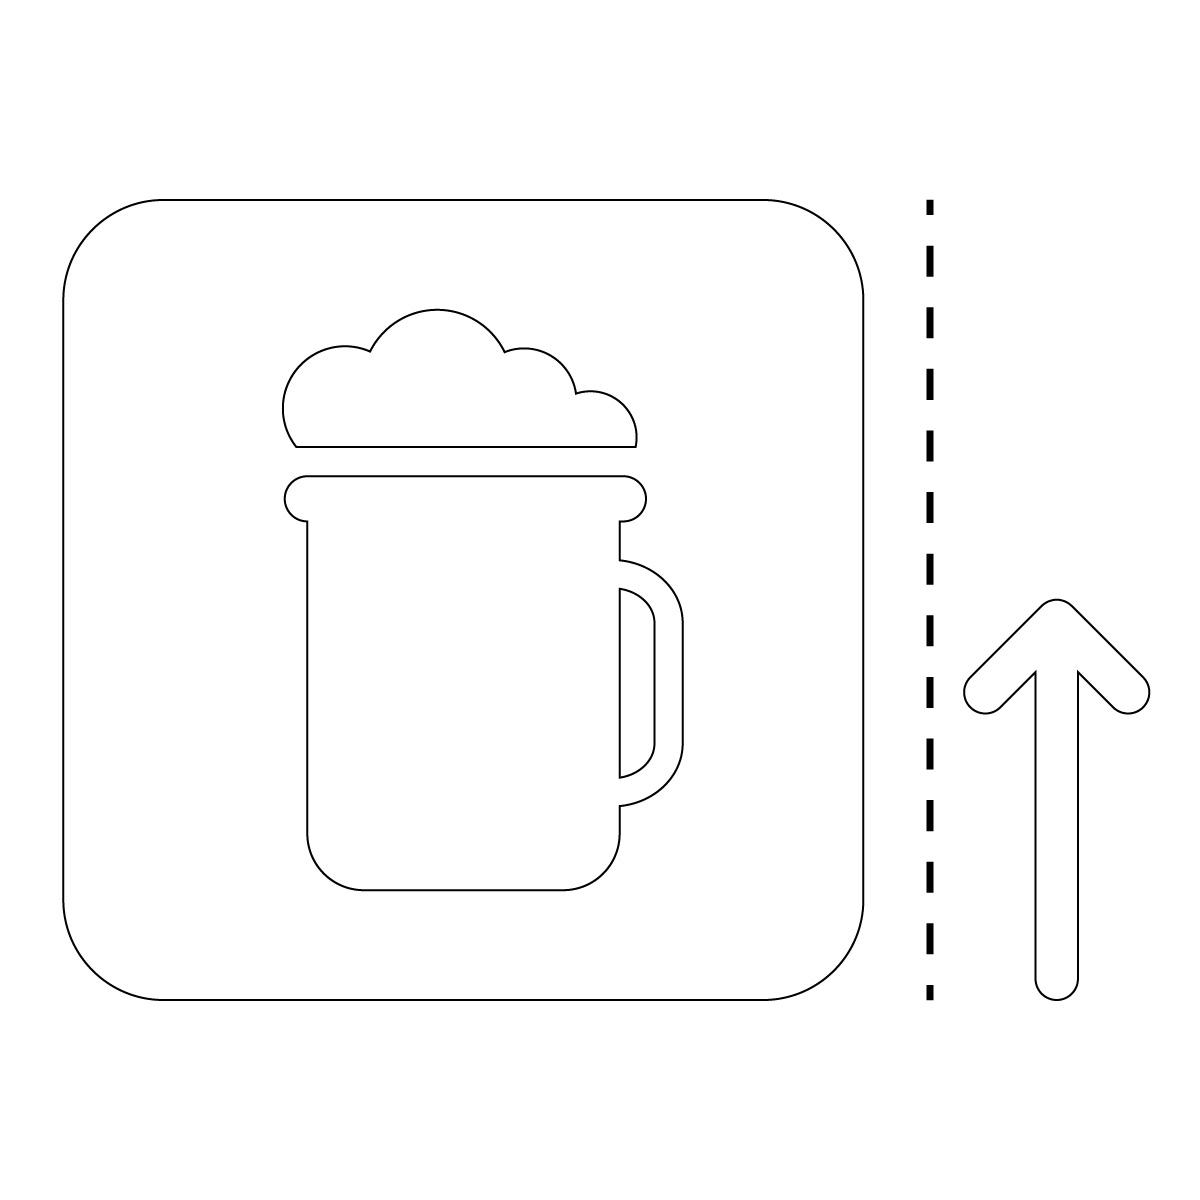 白色のビール アルコール 案内 販売 マーク(矢印付き)のカッティング ステッカー シール 光沢タイプ・防水・耐水・屋外耐候3~4年